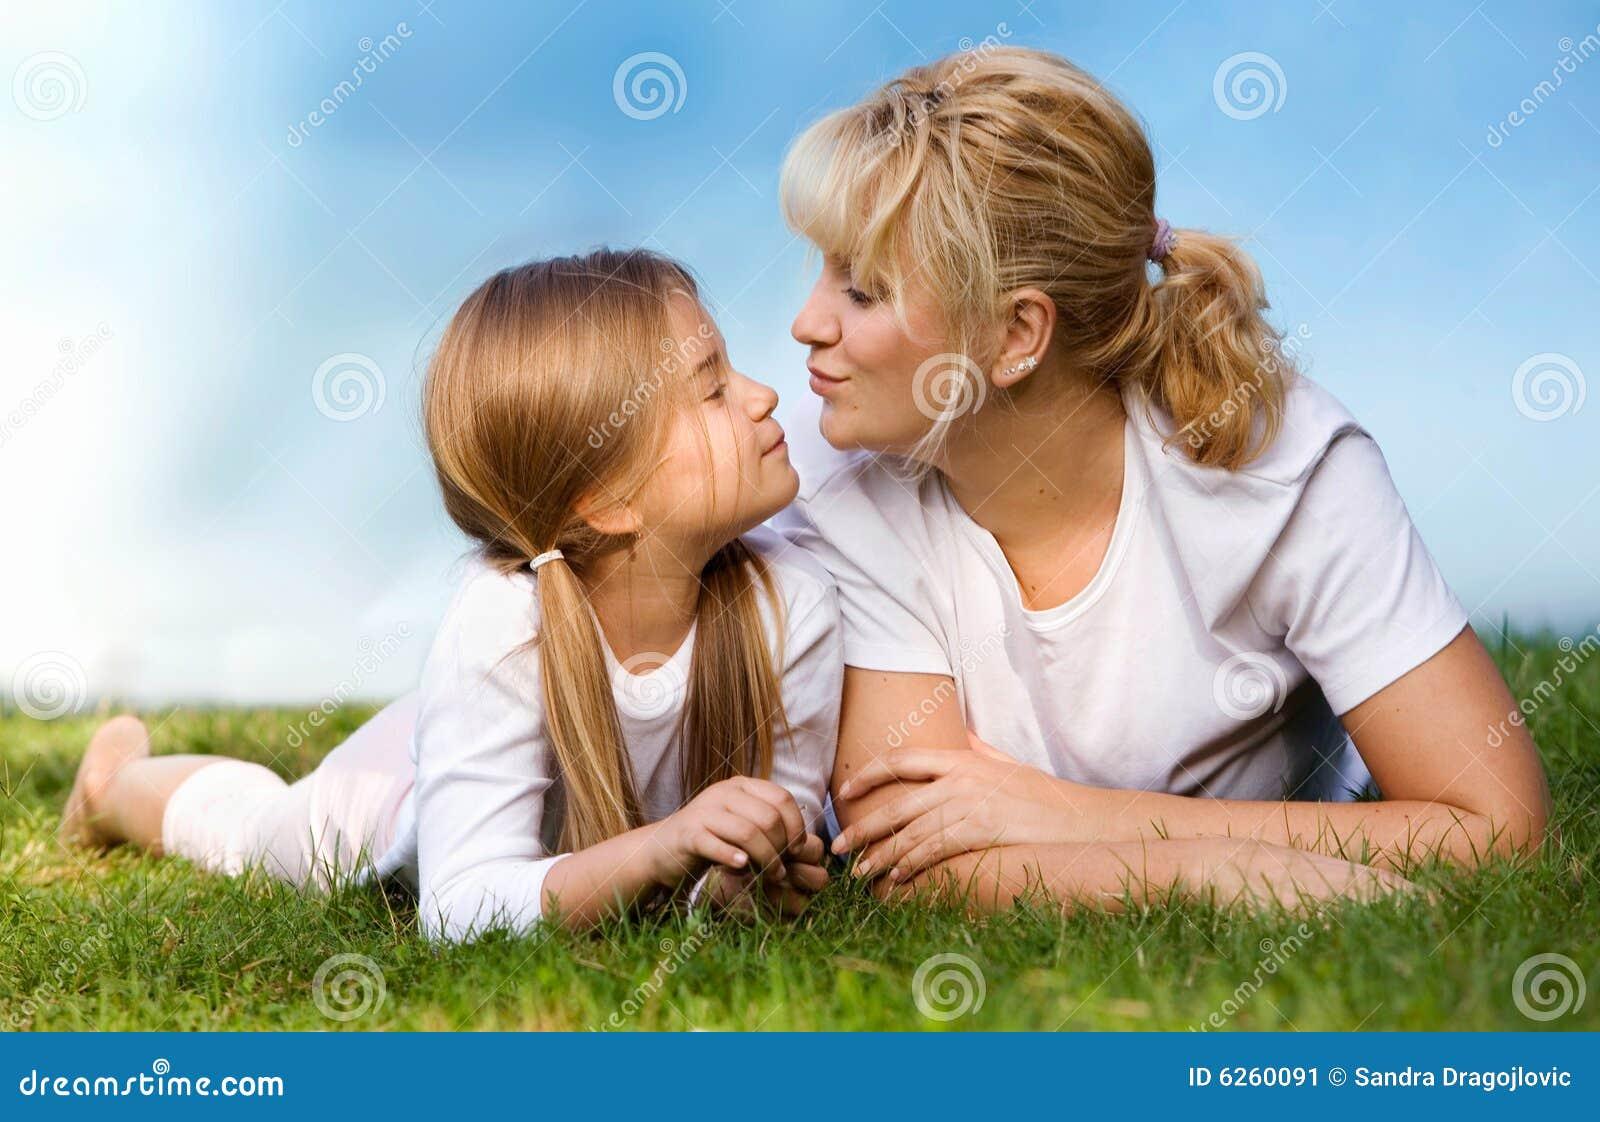 Mutter und Tochter an der Wiese